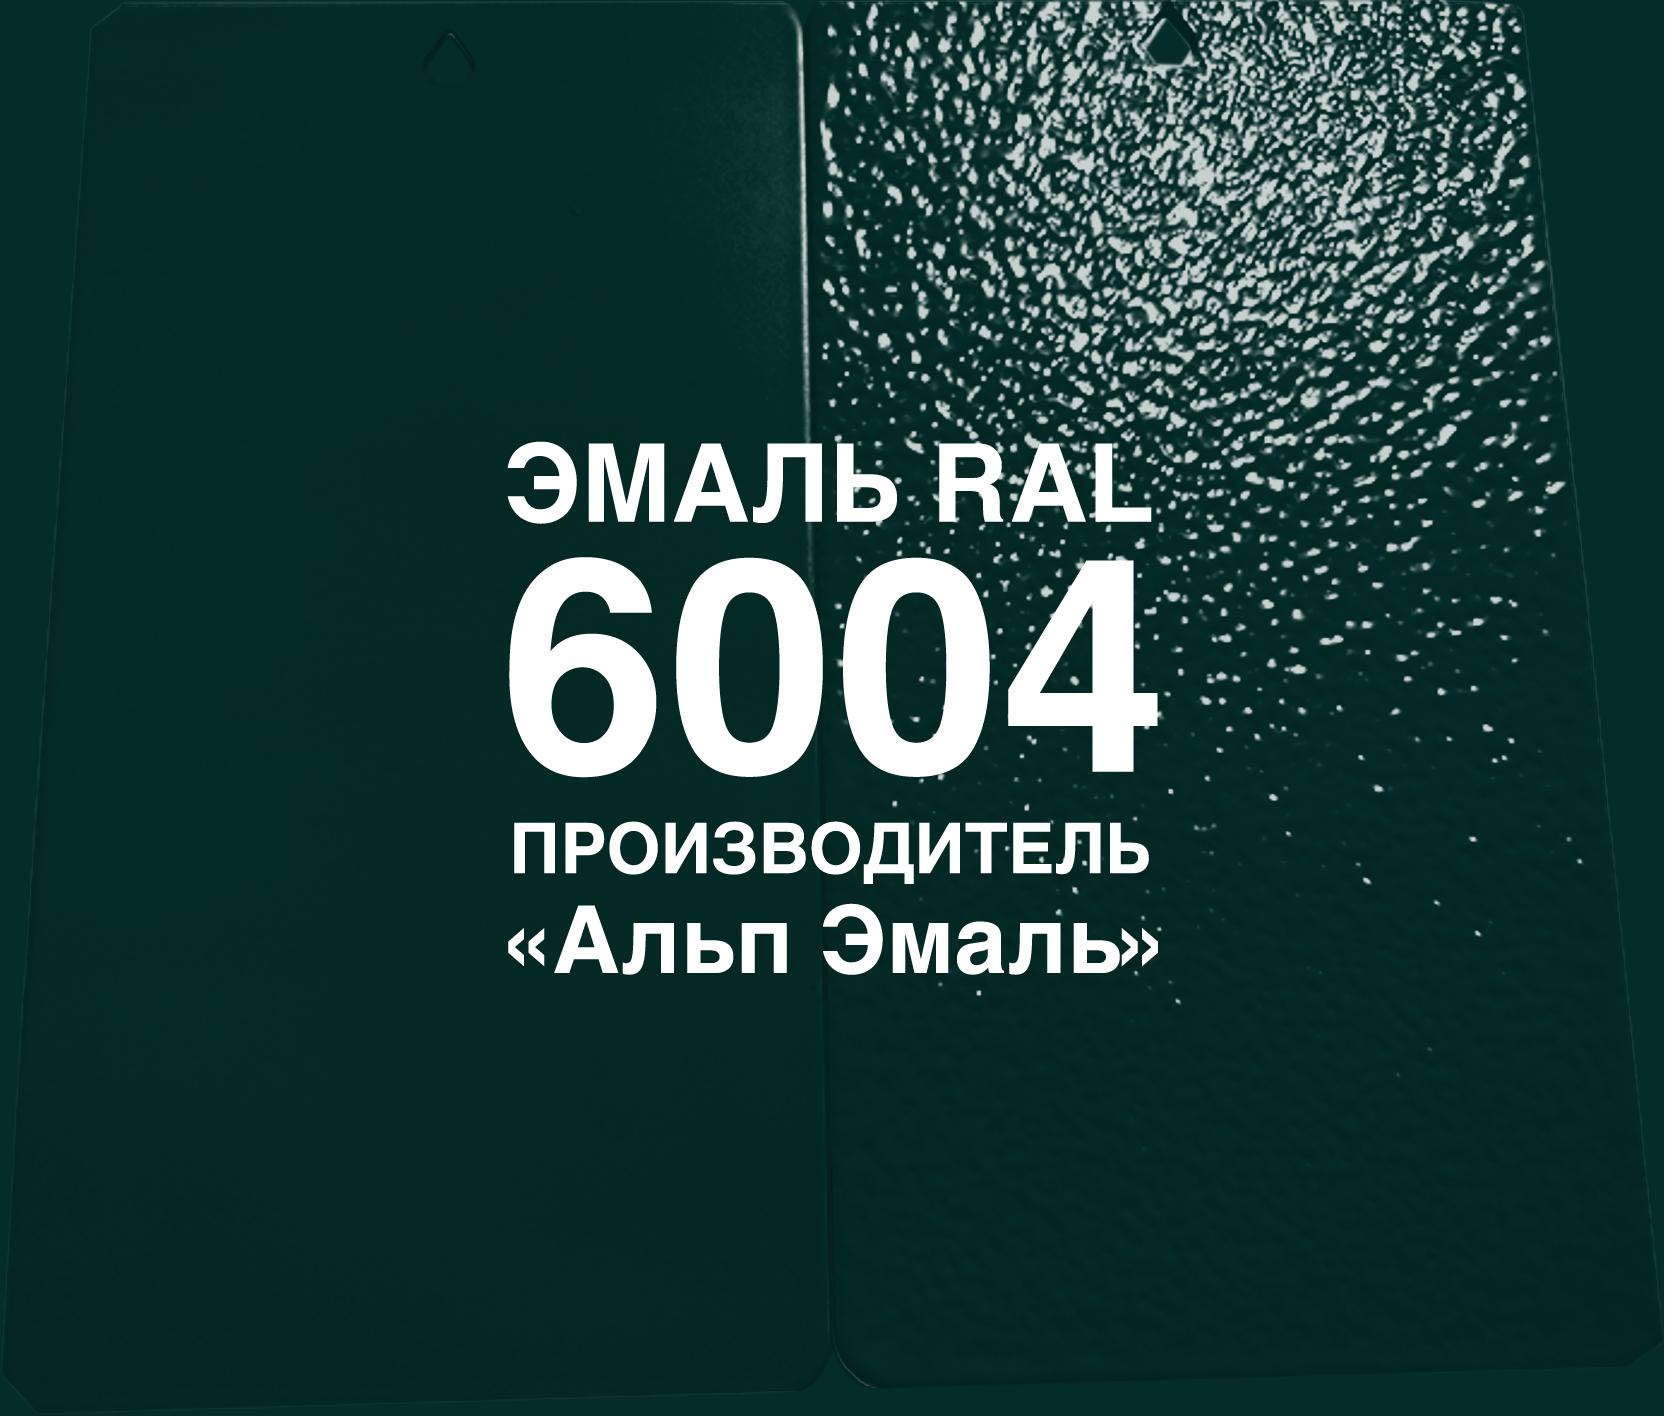 Краска эмаль RAL 6004 зеленая ЗАО Альп Эмаль